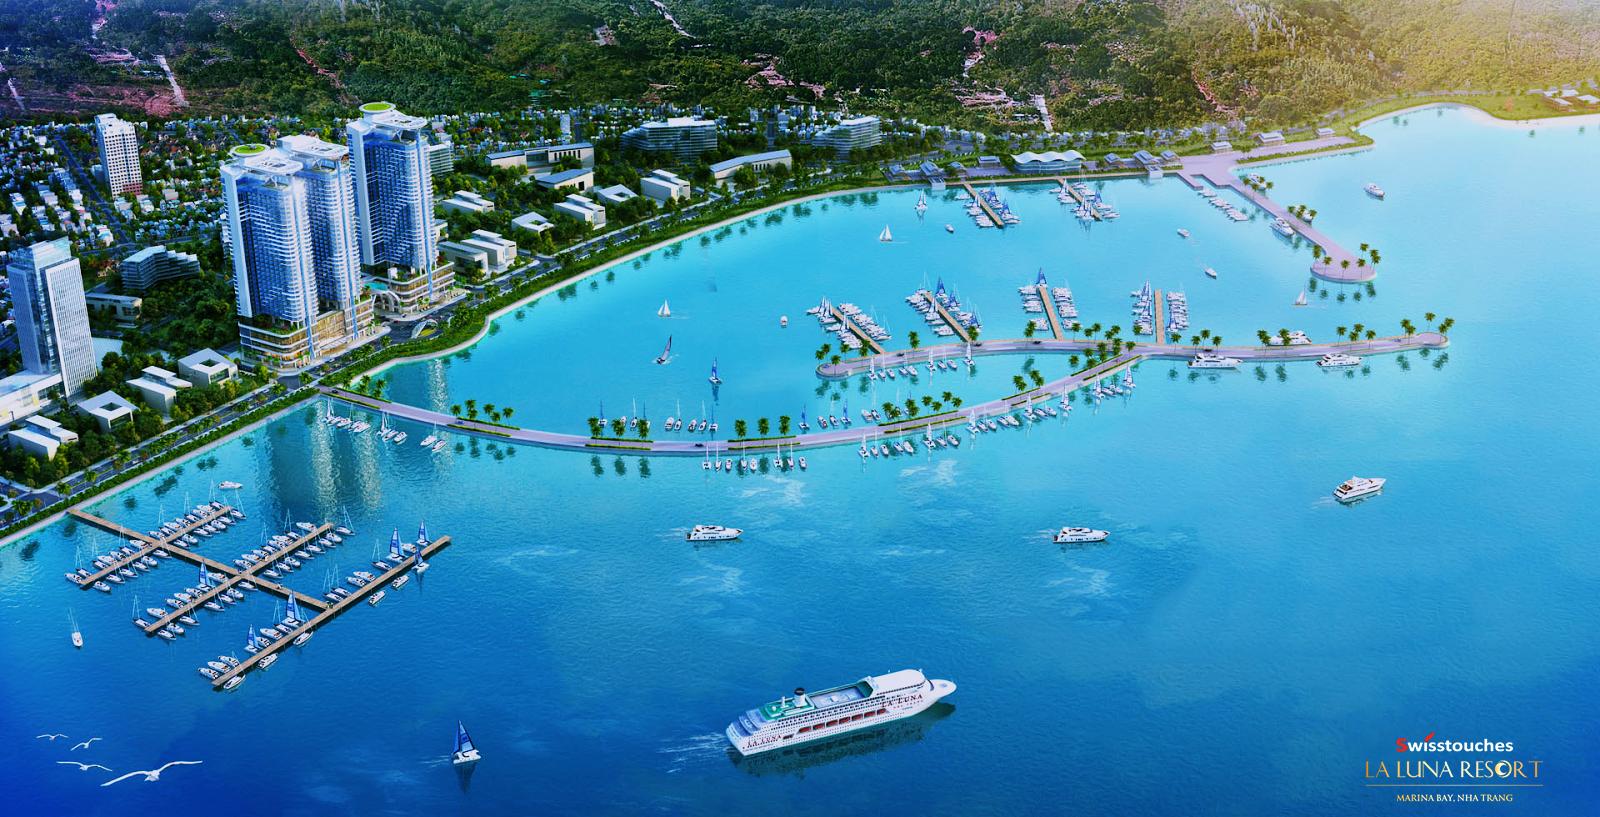 La Luna Resort Nha Trang - Dự án condotel đang chào bán